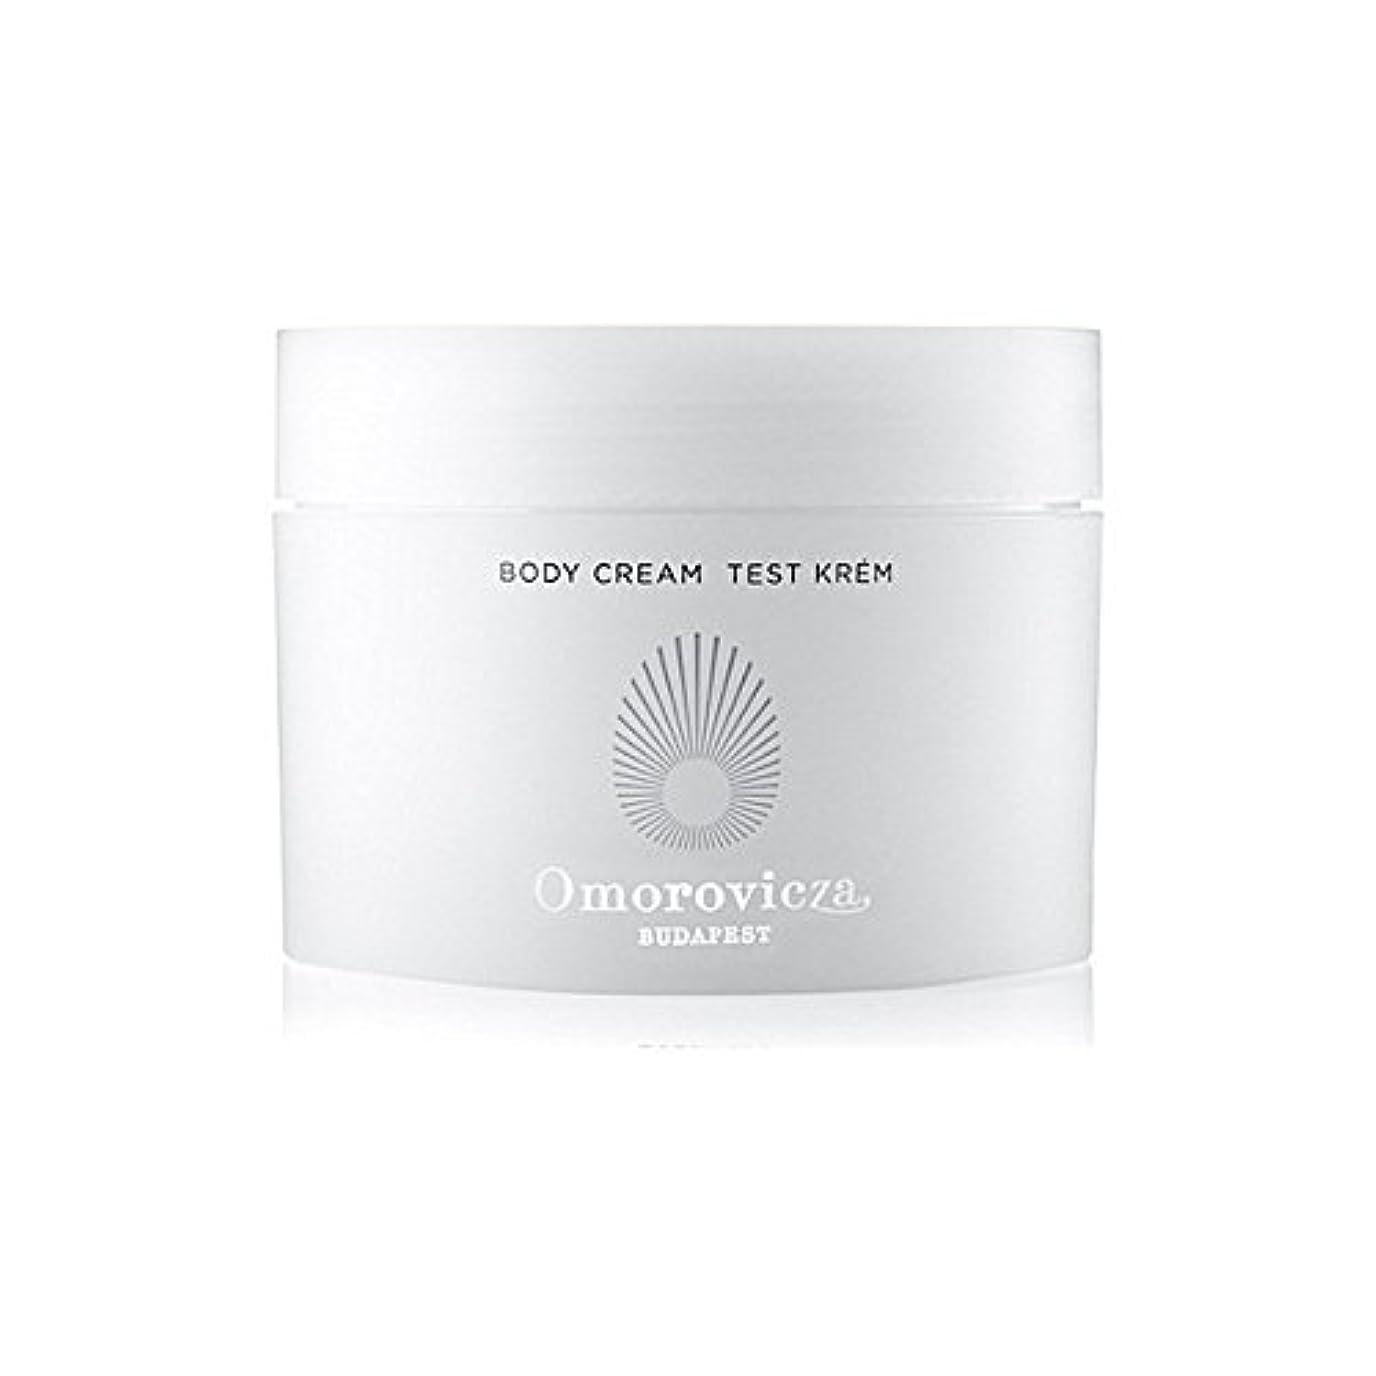 辛なデコラティブ飲料Omorovicza Body Cream 150ml - ボディクリーム150ミリリットル [並行輸入品]